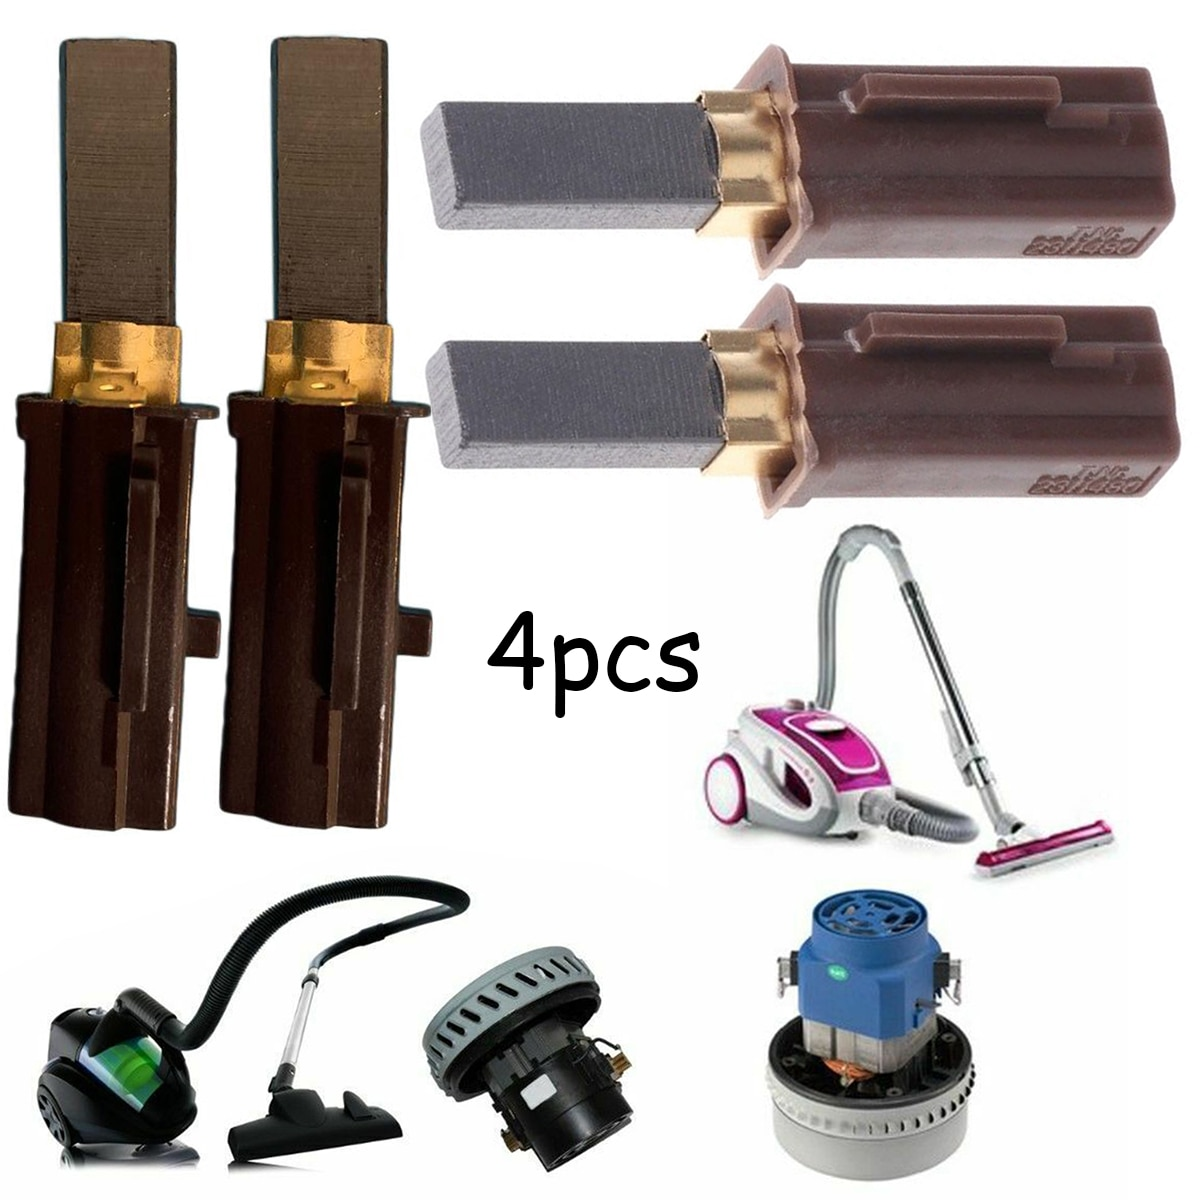 4 Uds de carbono para Motor, cepillos para aspiradora Ametek Lamb 2311480 33326-1 333261, escobilla de carbón para aspiradora